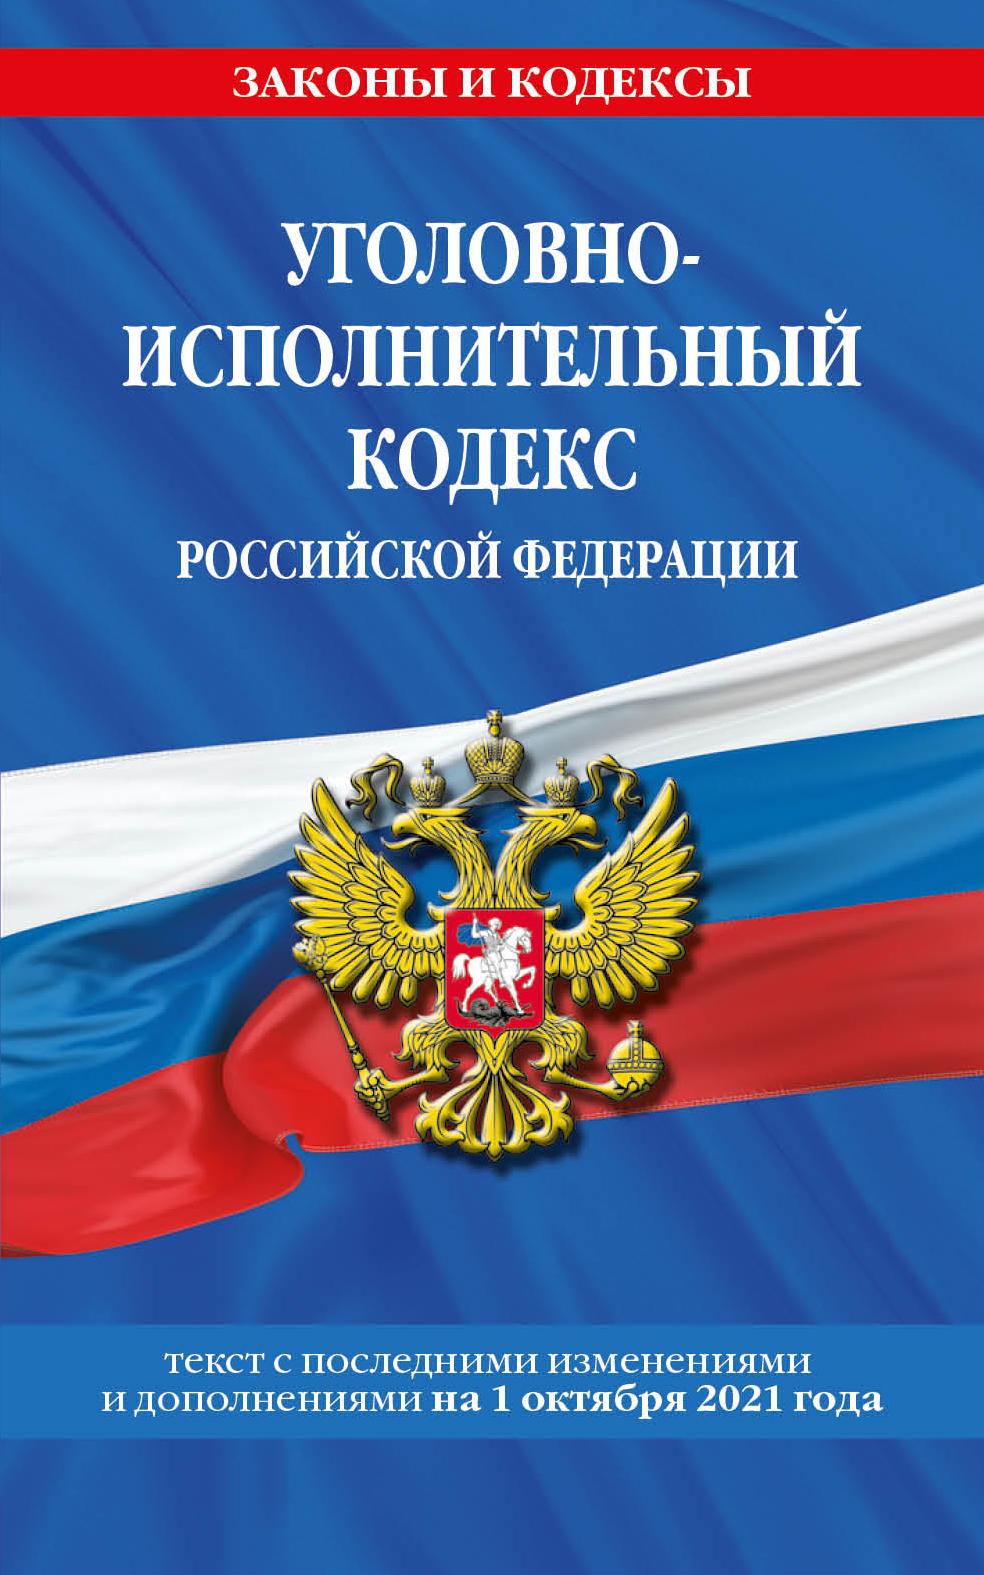 Уголовно-исполнительный кодекс Российской Федерации: текст с посл. изм. на 1 октября 2021 года